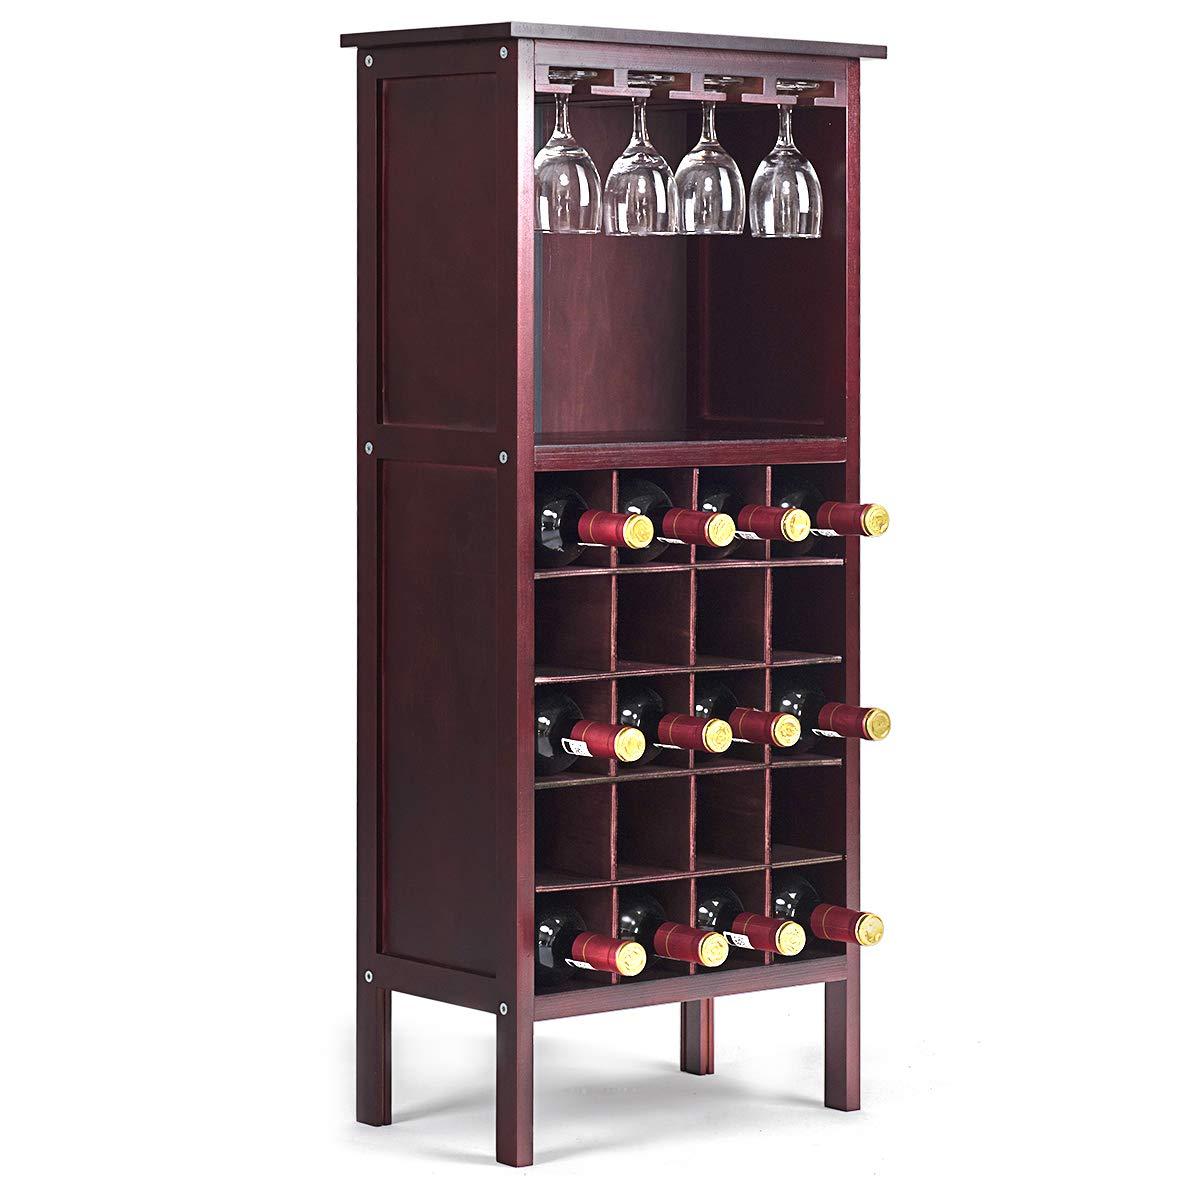 COSTWAY Weinschrank für 17 Flaschen, Weinregal Holz, Flaschenregal mit  Glasaufhänger, Weinständer, Gläserregal für Küche, Bar, Flaschenständer